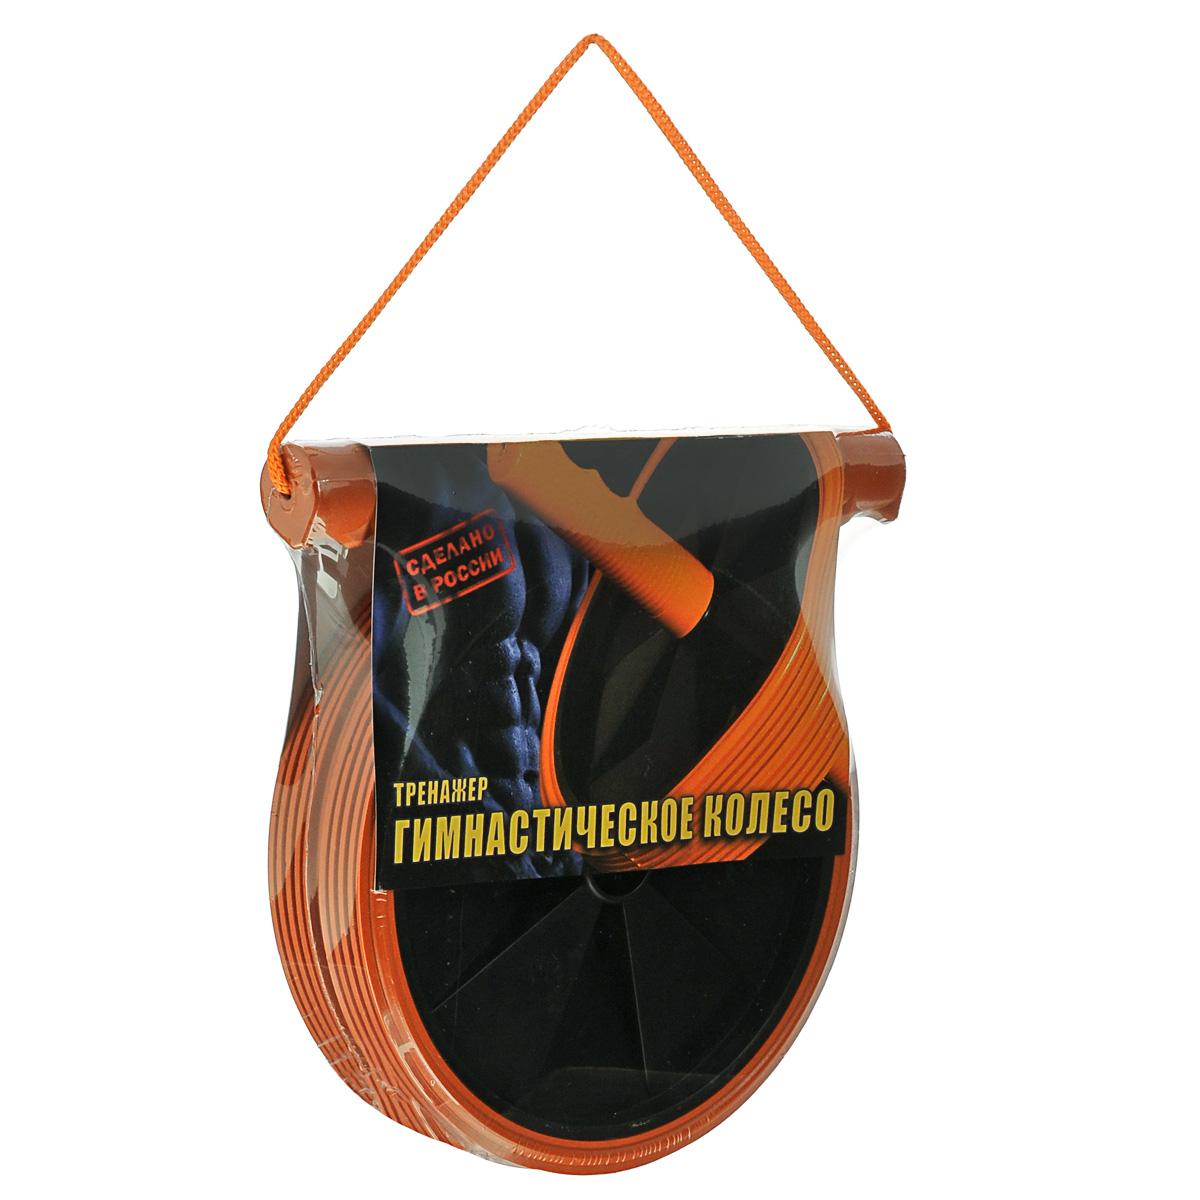 Ролик гимнастический Варяг, двойной, цвет: оранжевый, черныйES-0104Гимнастический ролик Варяг представляет собой два пластиковых колеса, надетых на металлический стержень с ручками, предназначен для индивидуальных занятий физкультурой и фитнесом. Тренировки с гимнастическим роликом повышают тонус мышц брюшного пресса, рук, ног, бедер и плеч, а также значительно улучшают рельеф и форму живота. При сборке для облегчения снятия резиновой части ручки нужно немного нагреть её, например паром из чайника или горячей водой.Гимнастический ролик Варяг поможет поддерживать ваше тело в хорошей физической форме, развивать гибкость, выносливость и избавиться от лишнего веса.Диаметр ролика: 18 см. Длина ручки: 22 см. Толщина ролика: 4,5 см.Как выбрать кардиотренажер для похудения. Статья OZON Гид